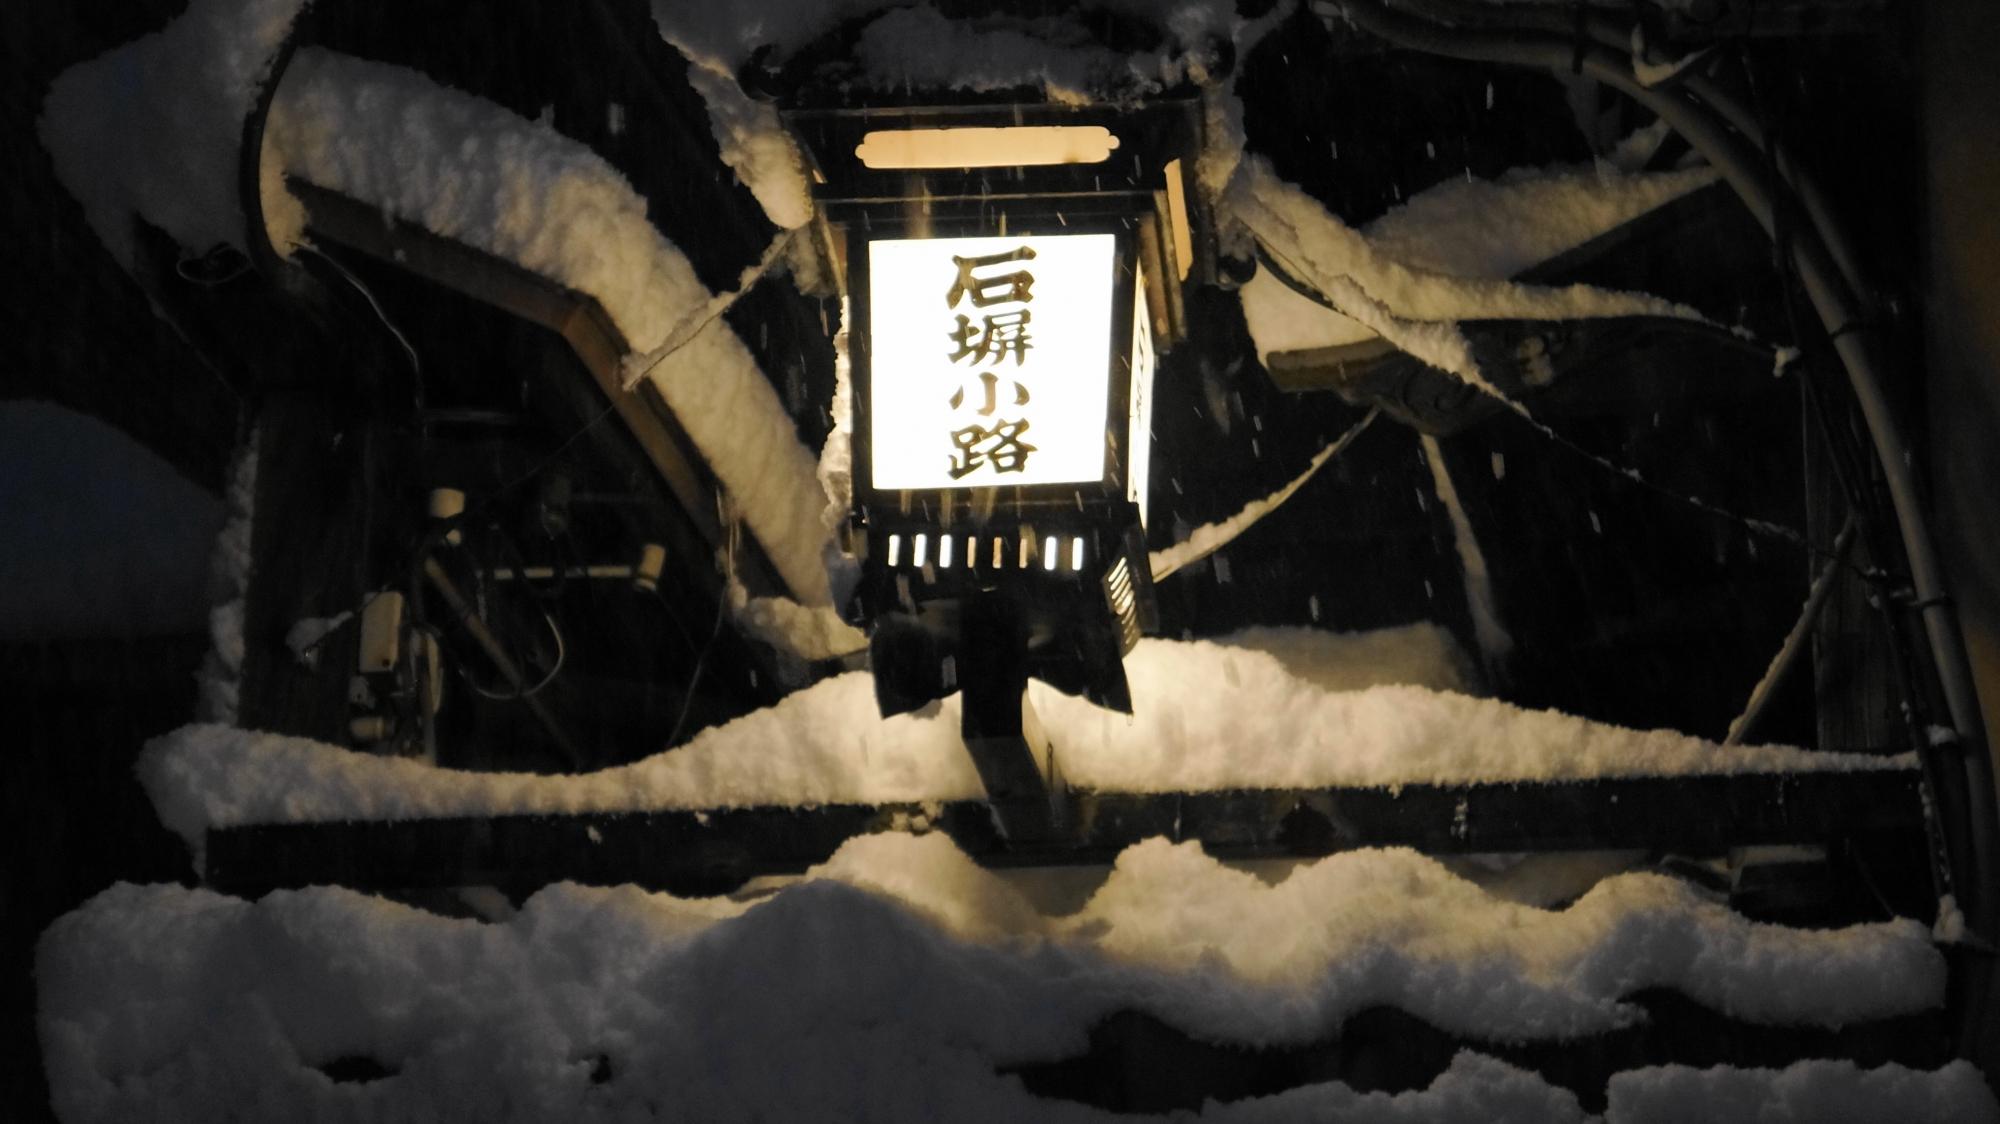 石塀小路(いしべこうじ)と書かれた街灯